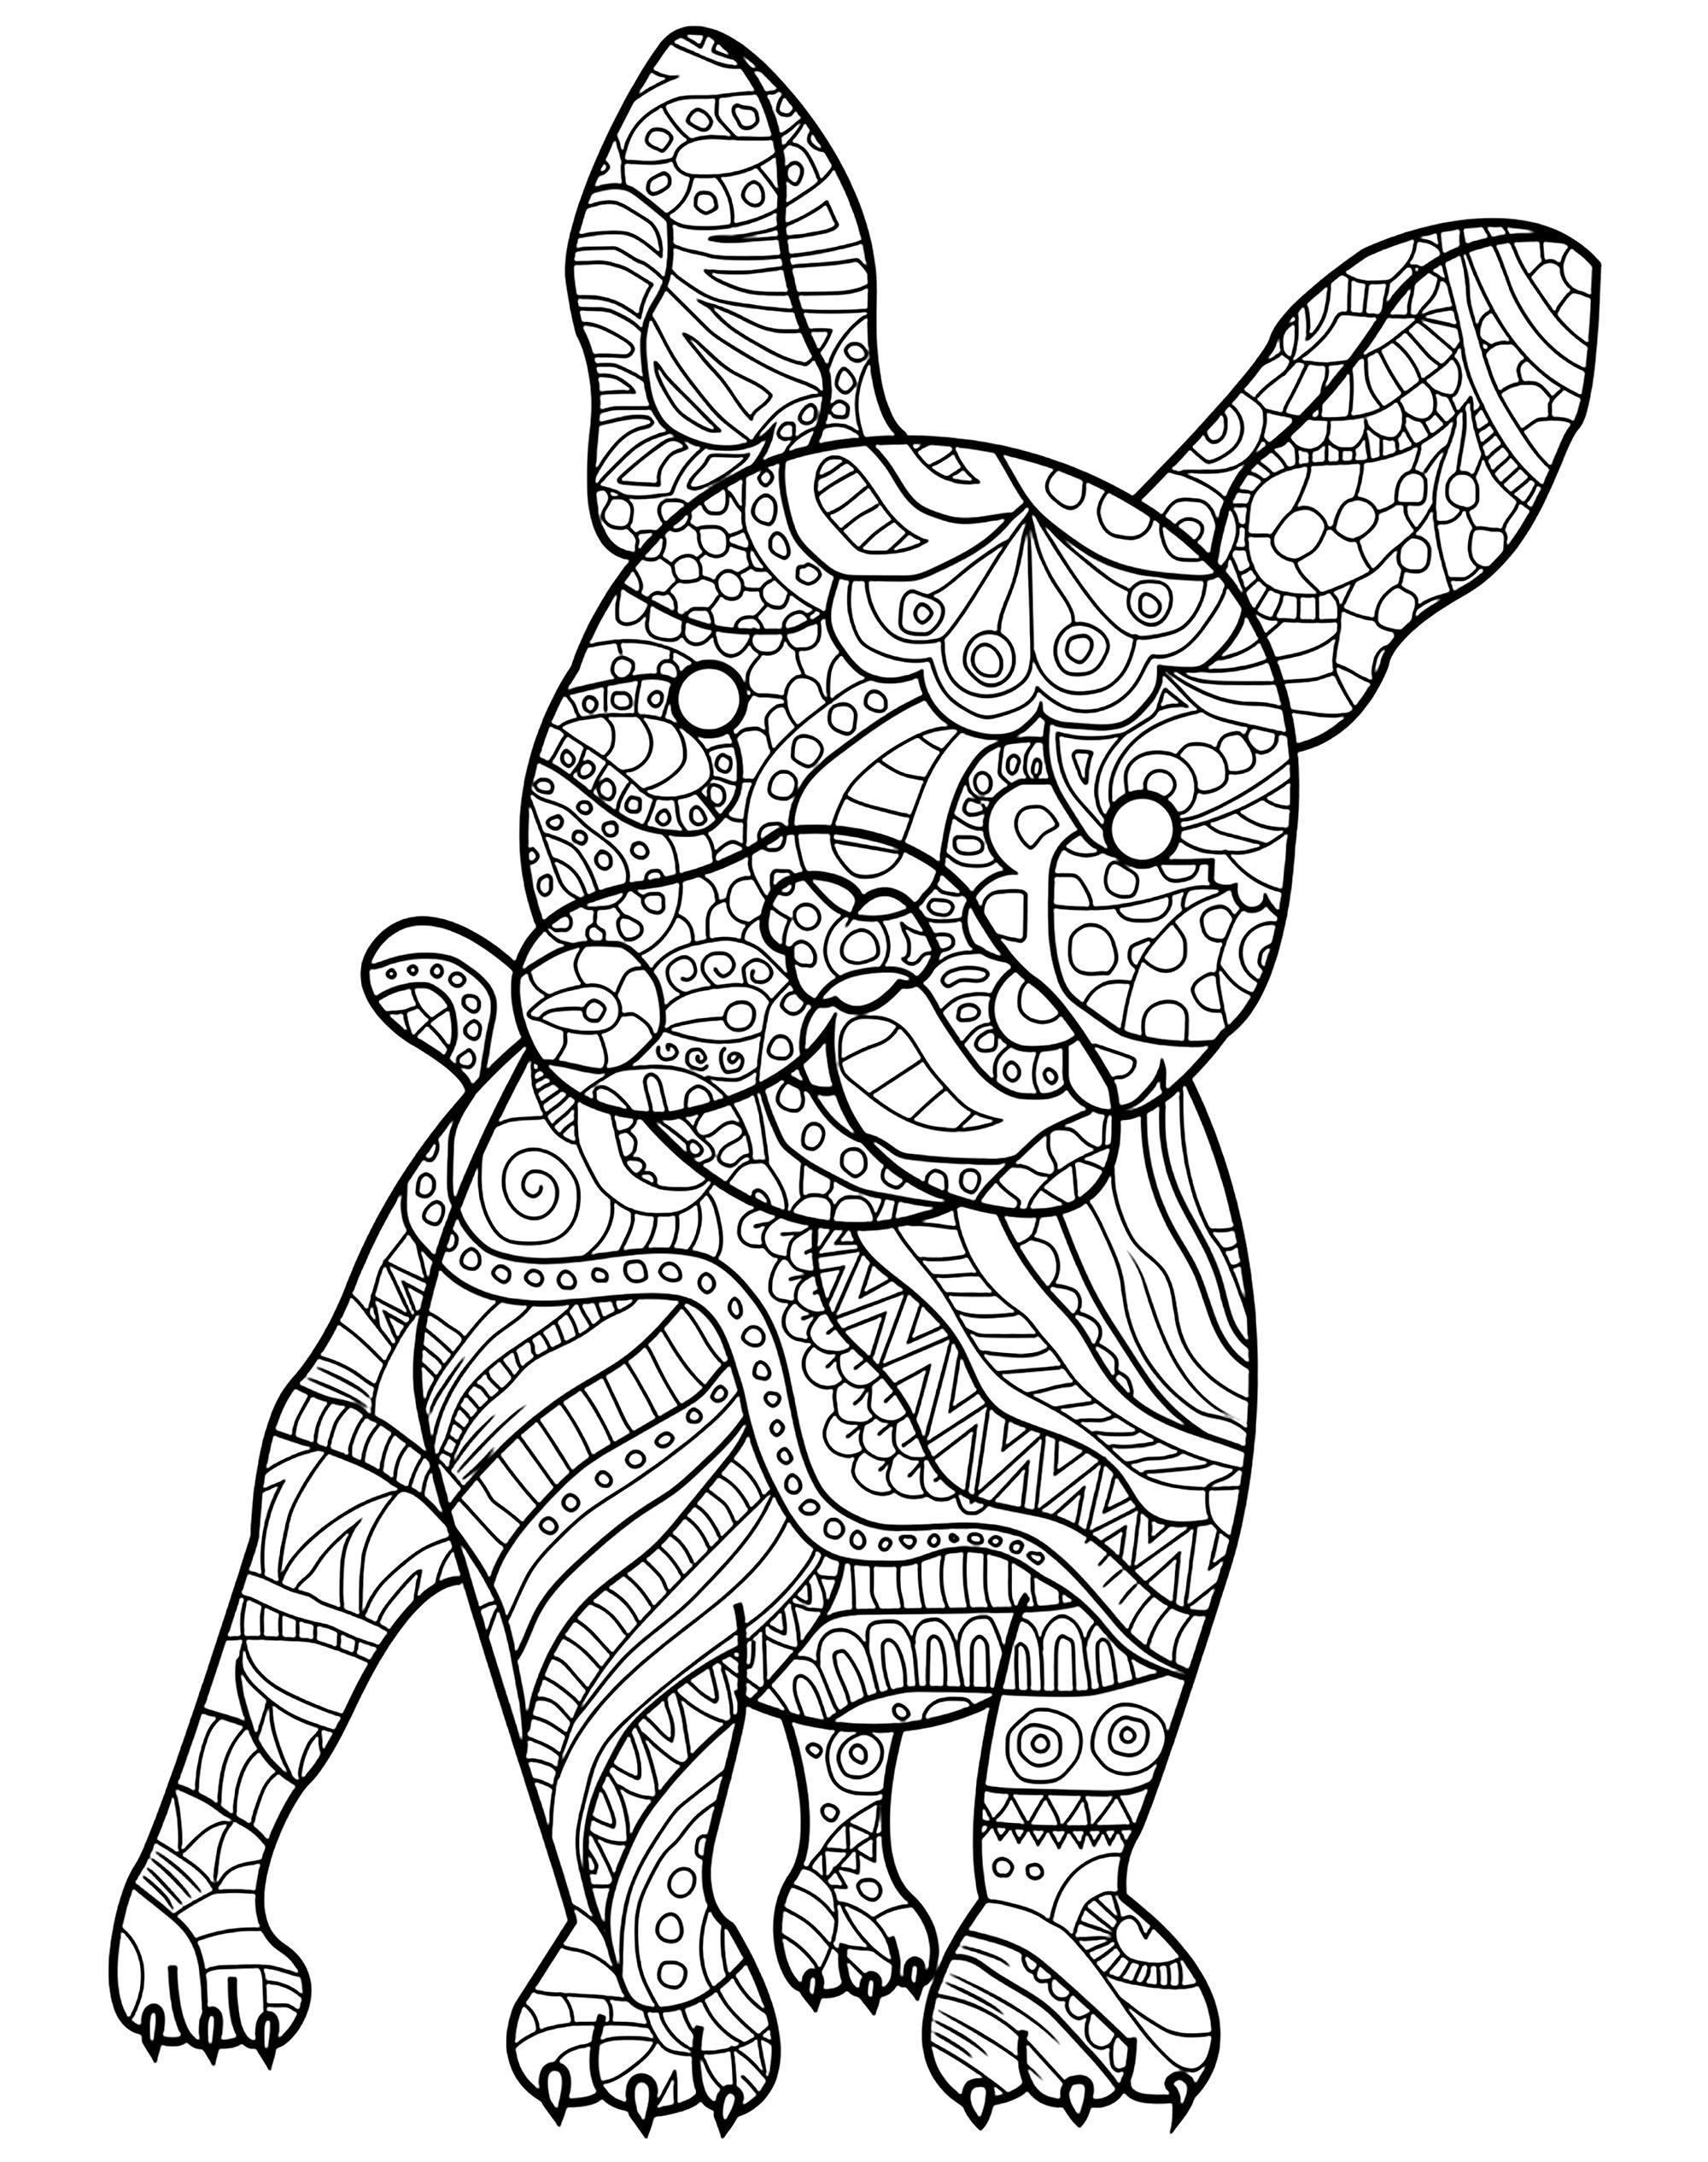 Disegni da Colorare per Adulti : Cani - 1